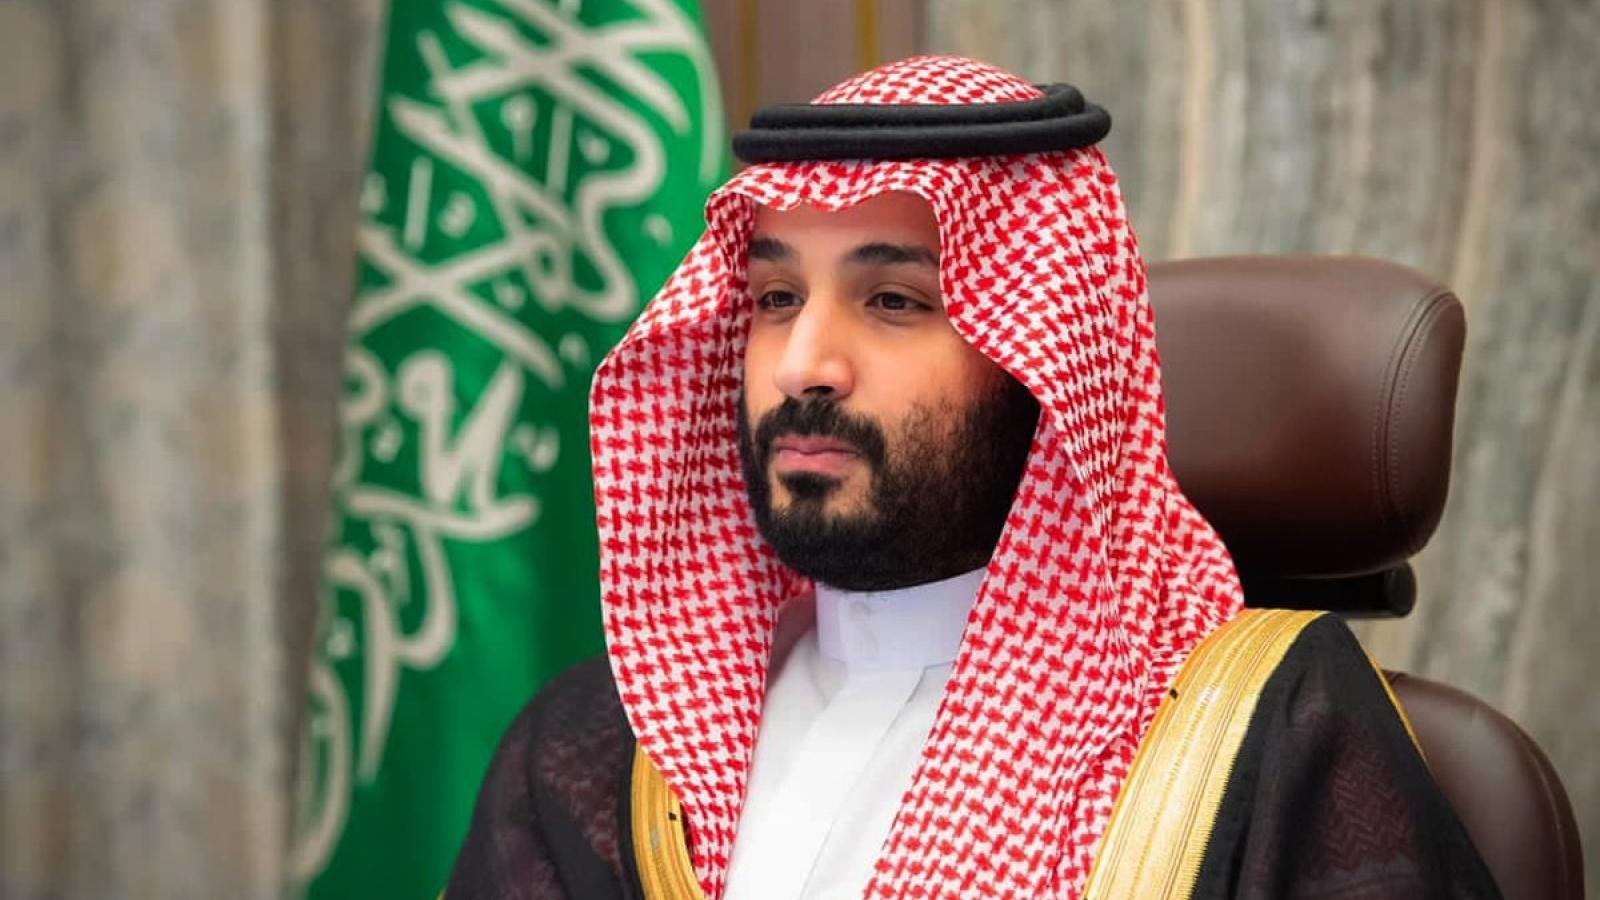 Vụ sát hại nhà báo Khashoggi: Lý do ông Biden né tránh trừng phạt Thái tử Saudi Arabia